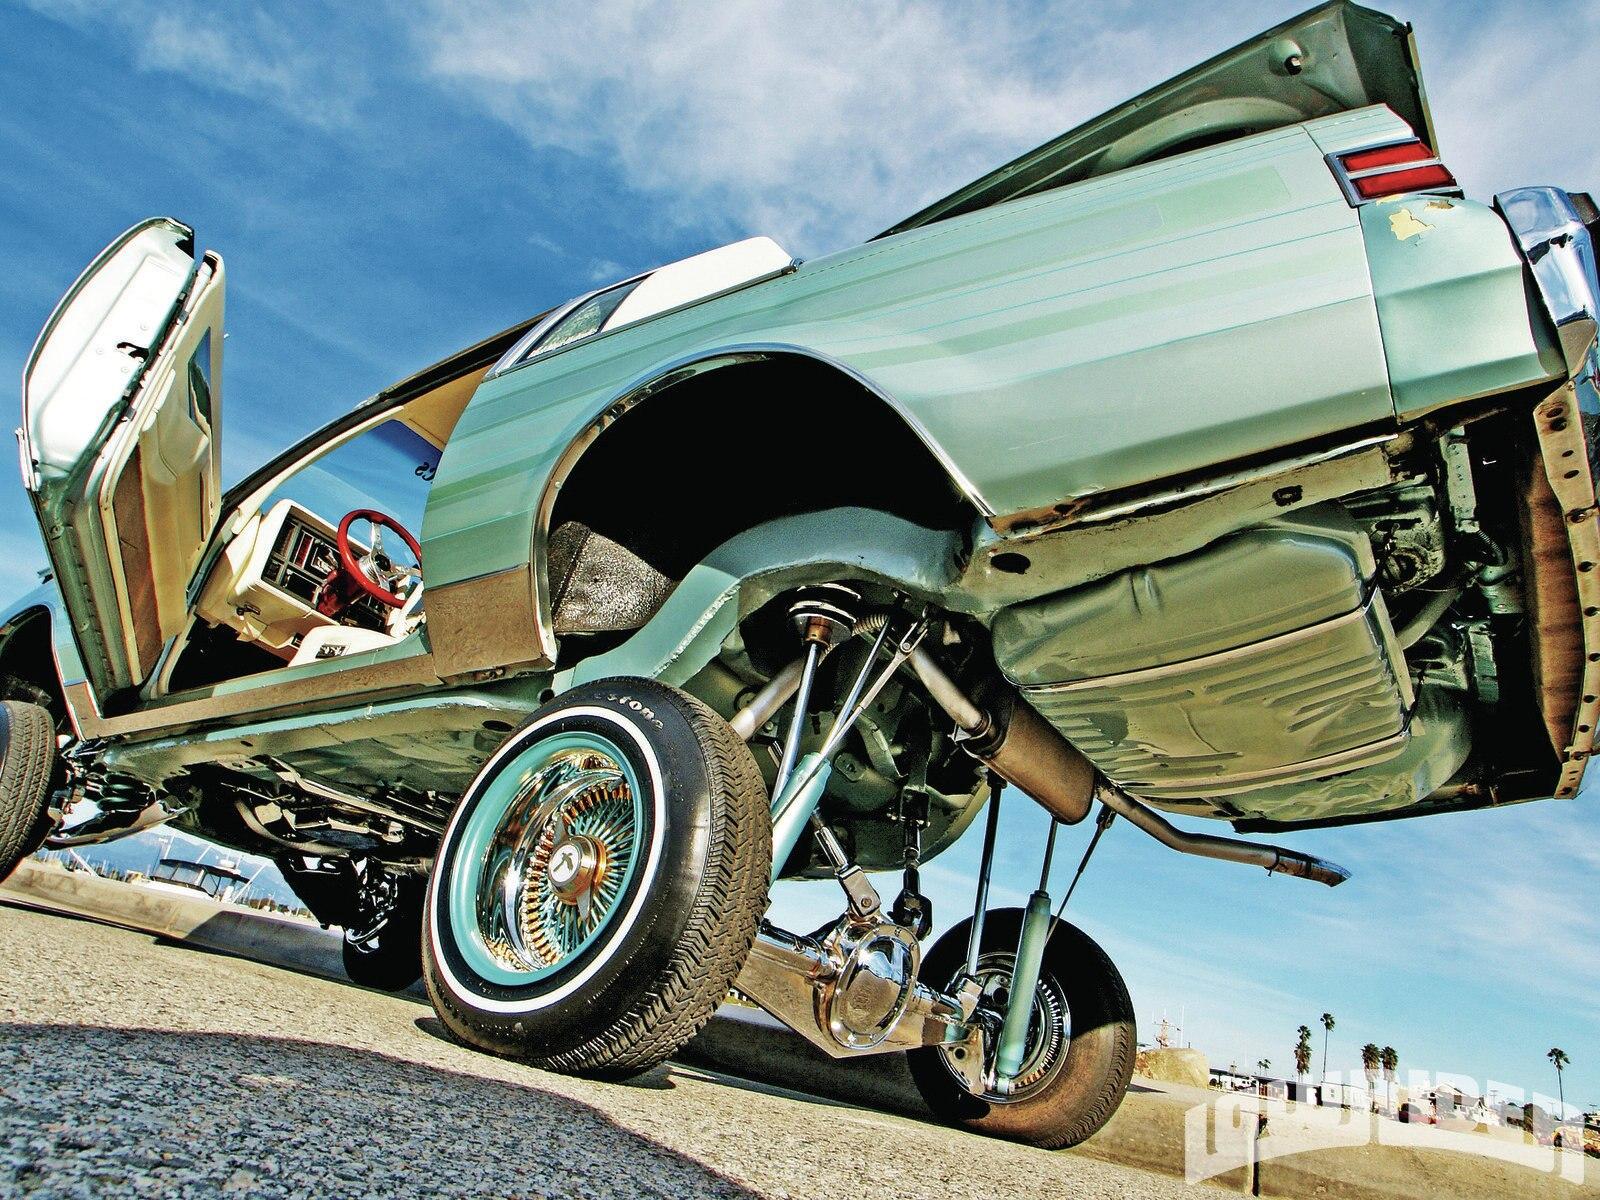 1109-lrmp-04-o-1986-buick-regal-underside2